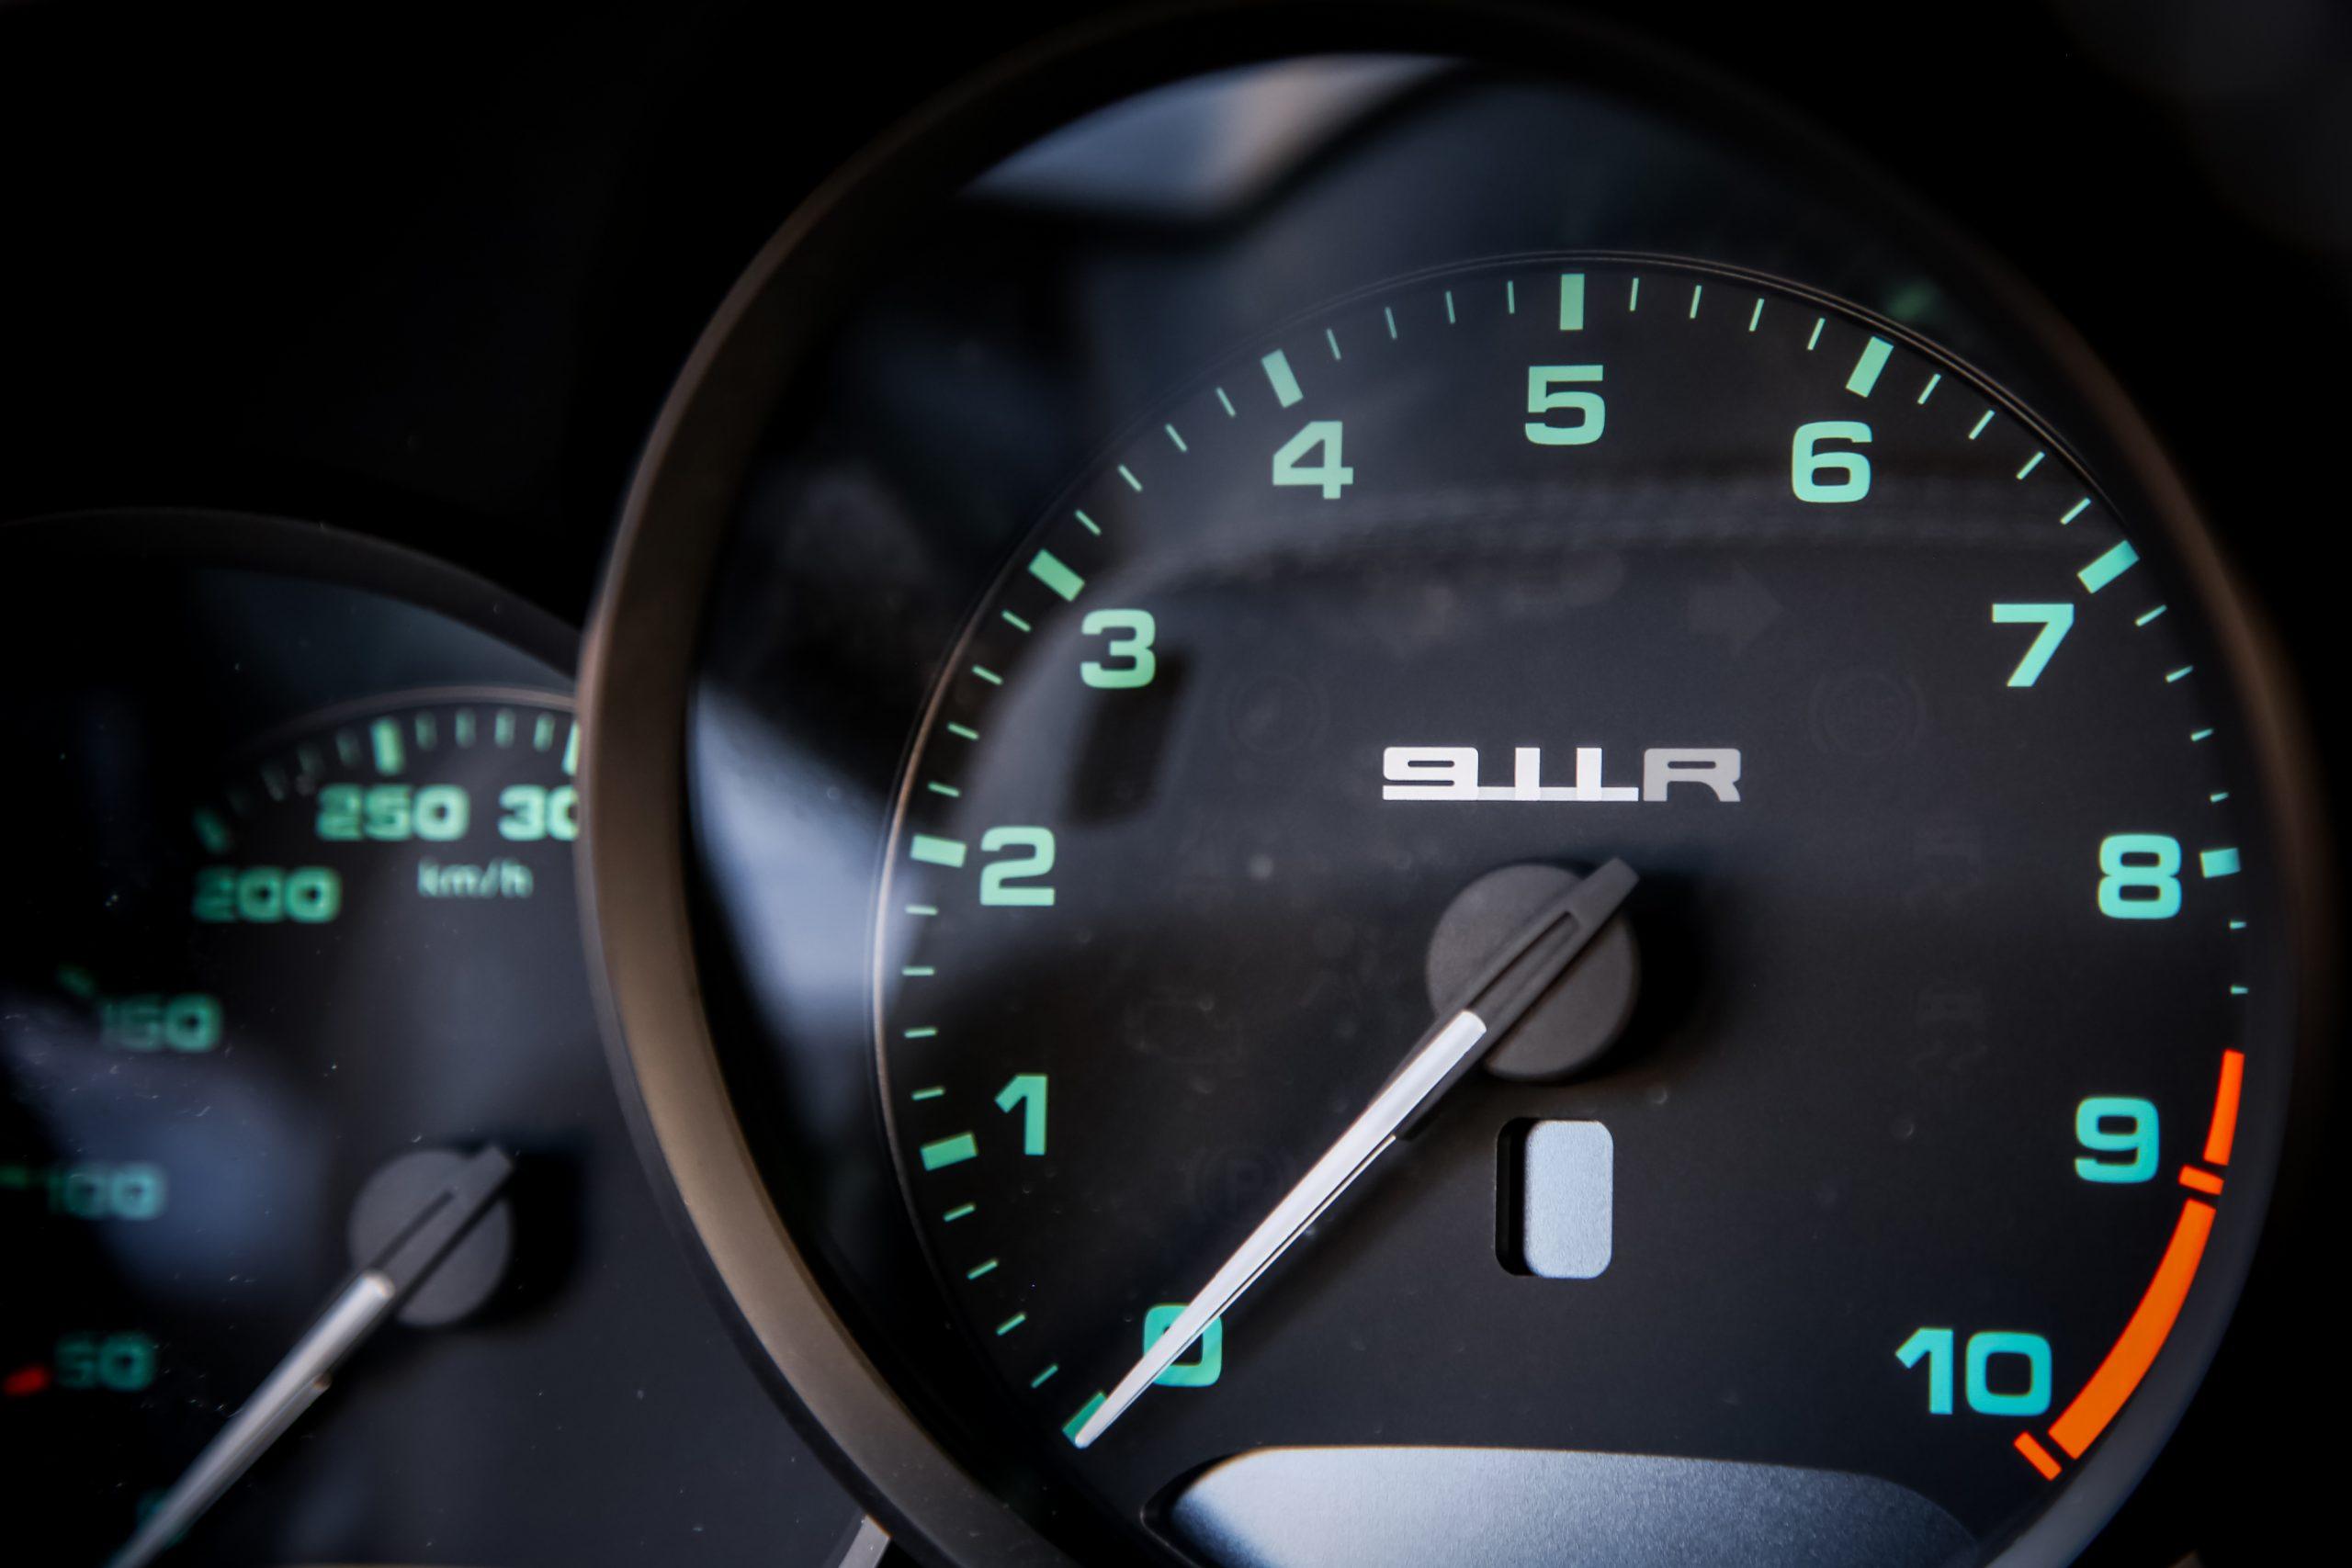 2016-Porsche-911-R interior tach